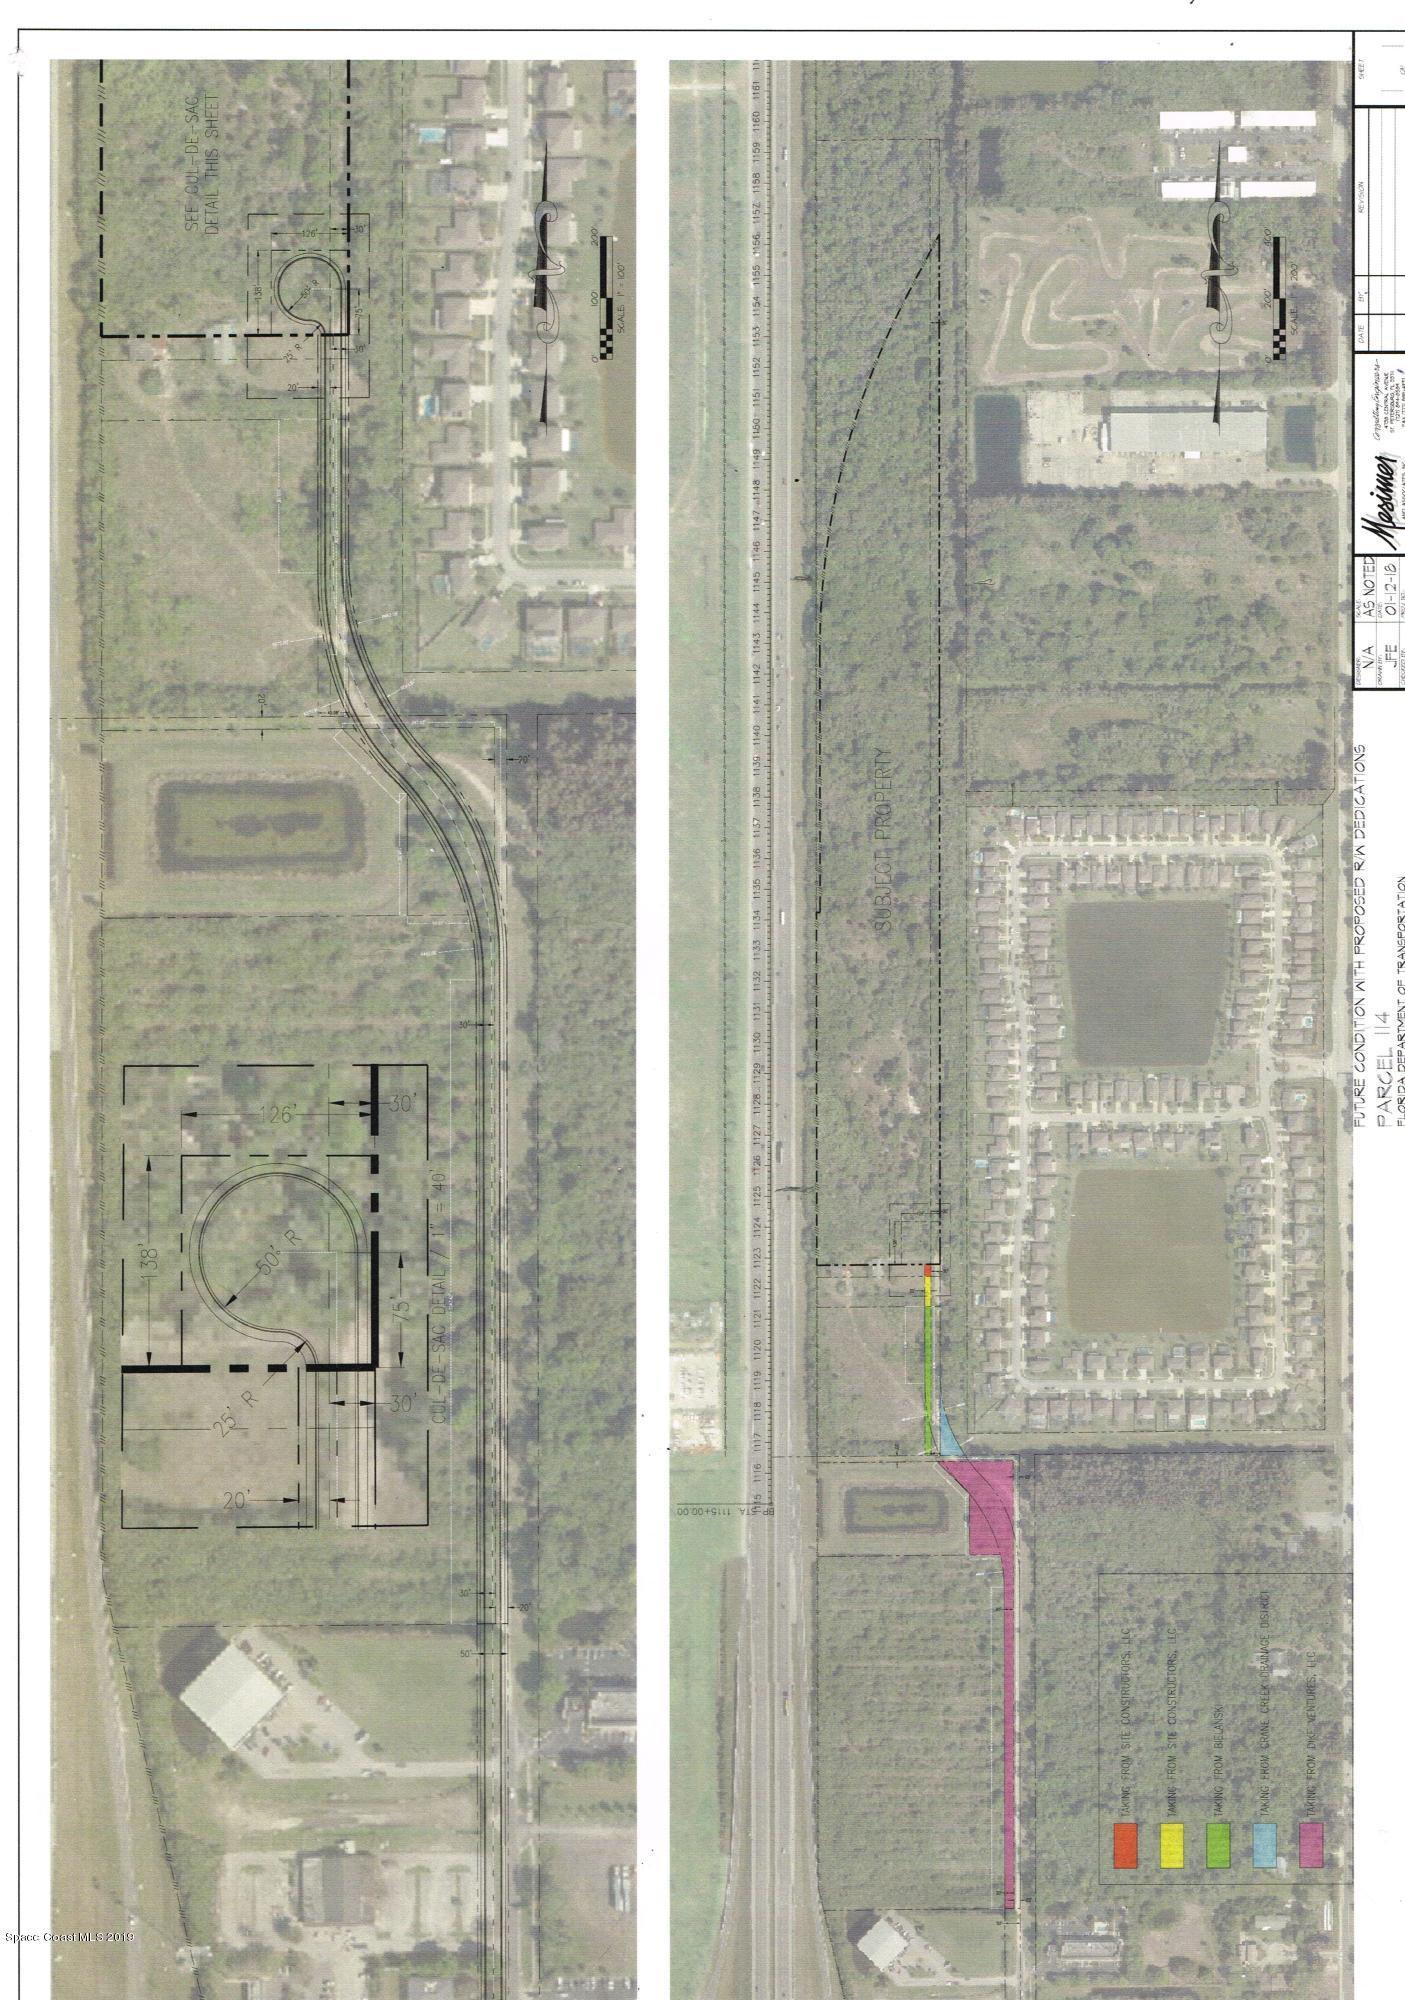 Land for Sale at Coastal Lane West Melbourne, Florida 32904 United States